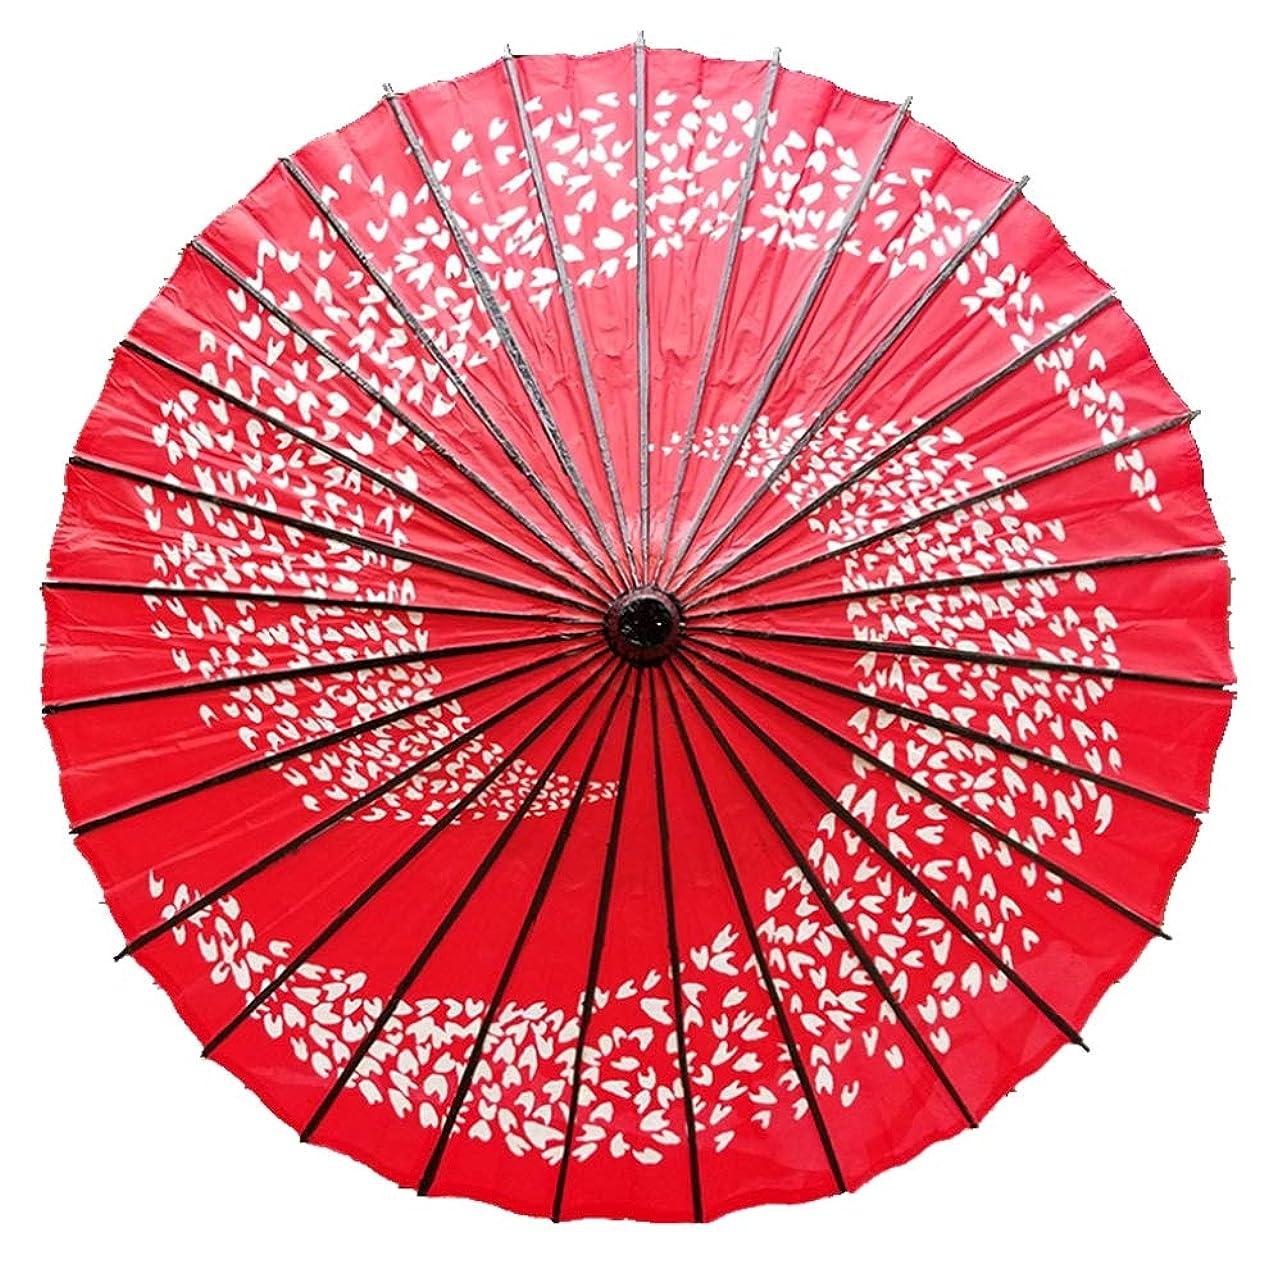 ILuvic 和傘 紙傘 踊り傘 日傘 舞踊 桜吹雪 和風 飾り用 防水 和服 長傘 コスプレ 花火